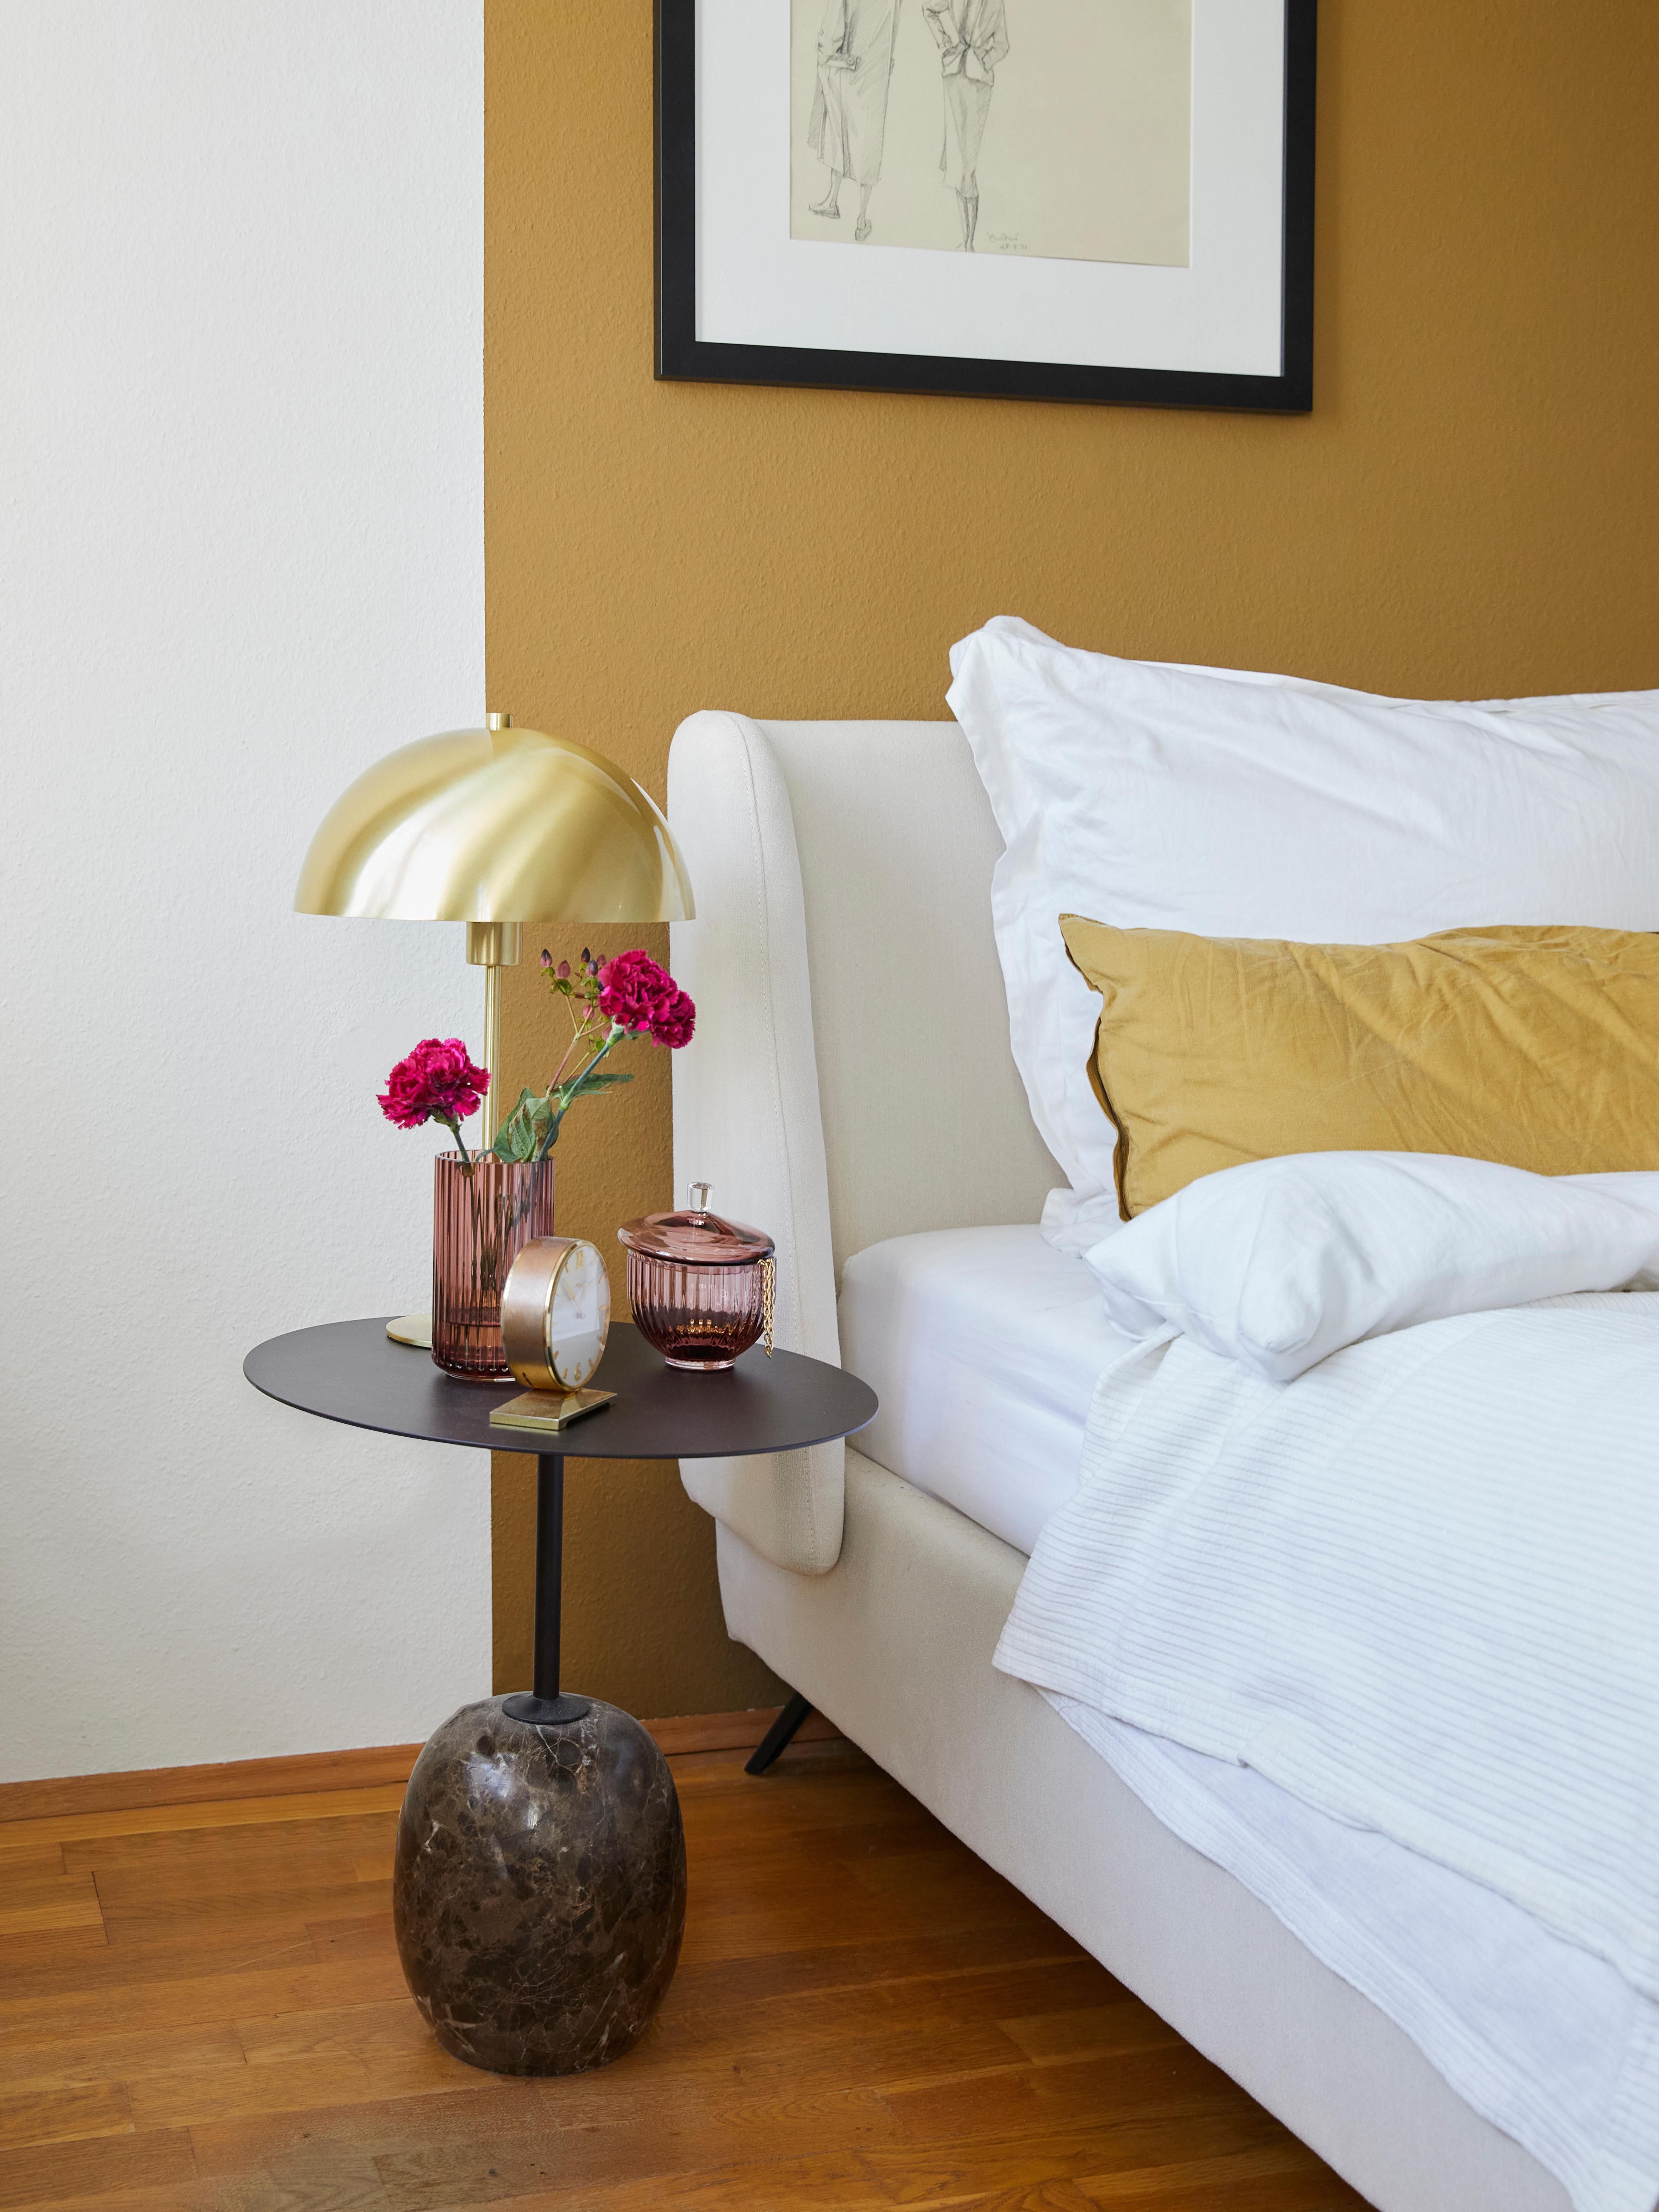 Gestoffeerd bed Madonna, Frame: massief grenenhout, Poten: gepoedercoat metaal, Bekleding: polyester (gestructureerd, Bekleding: beige. Poten: mat zwart, 160 x 200 cm